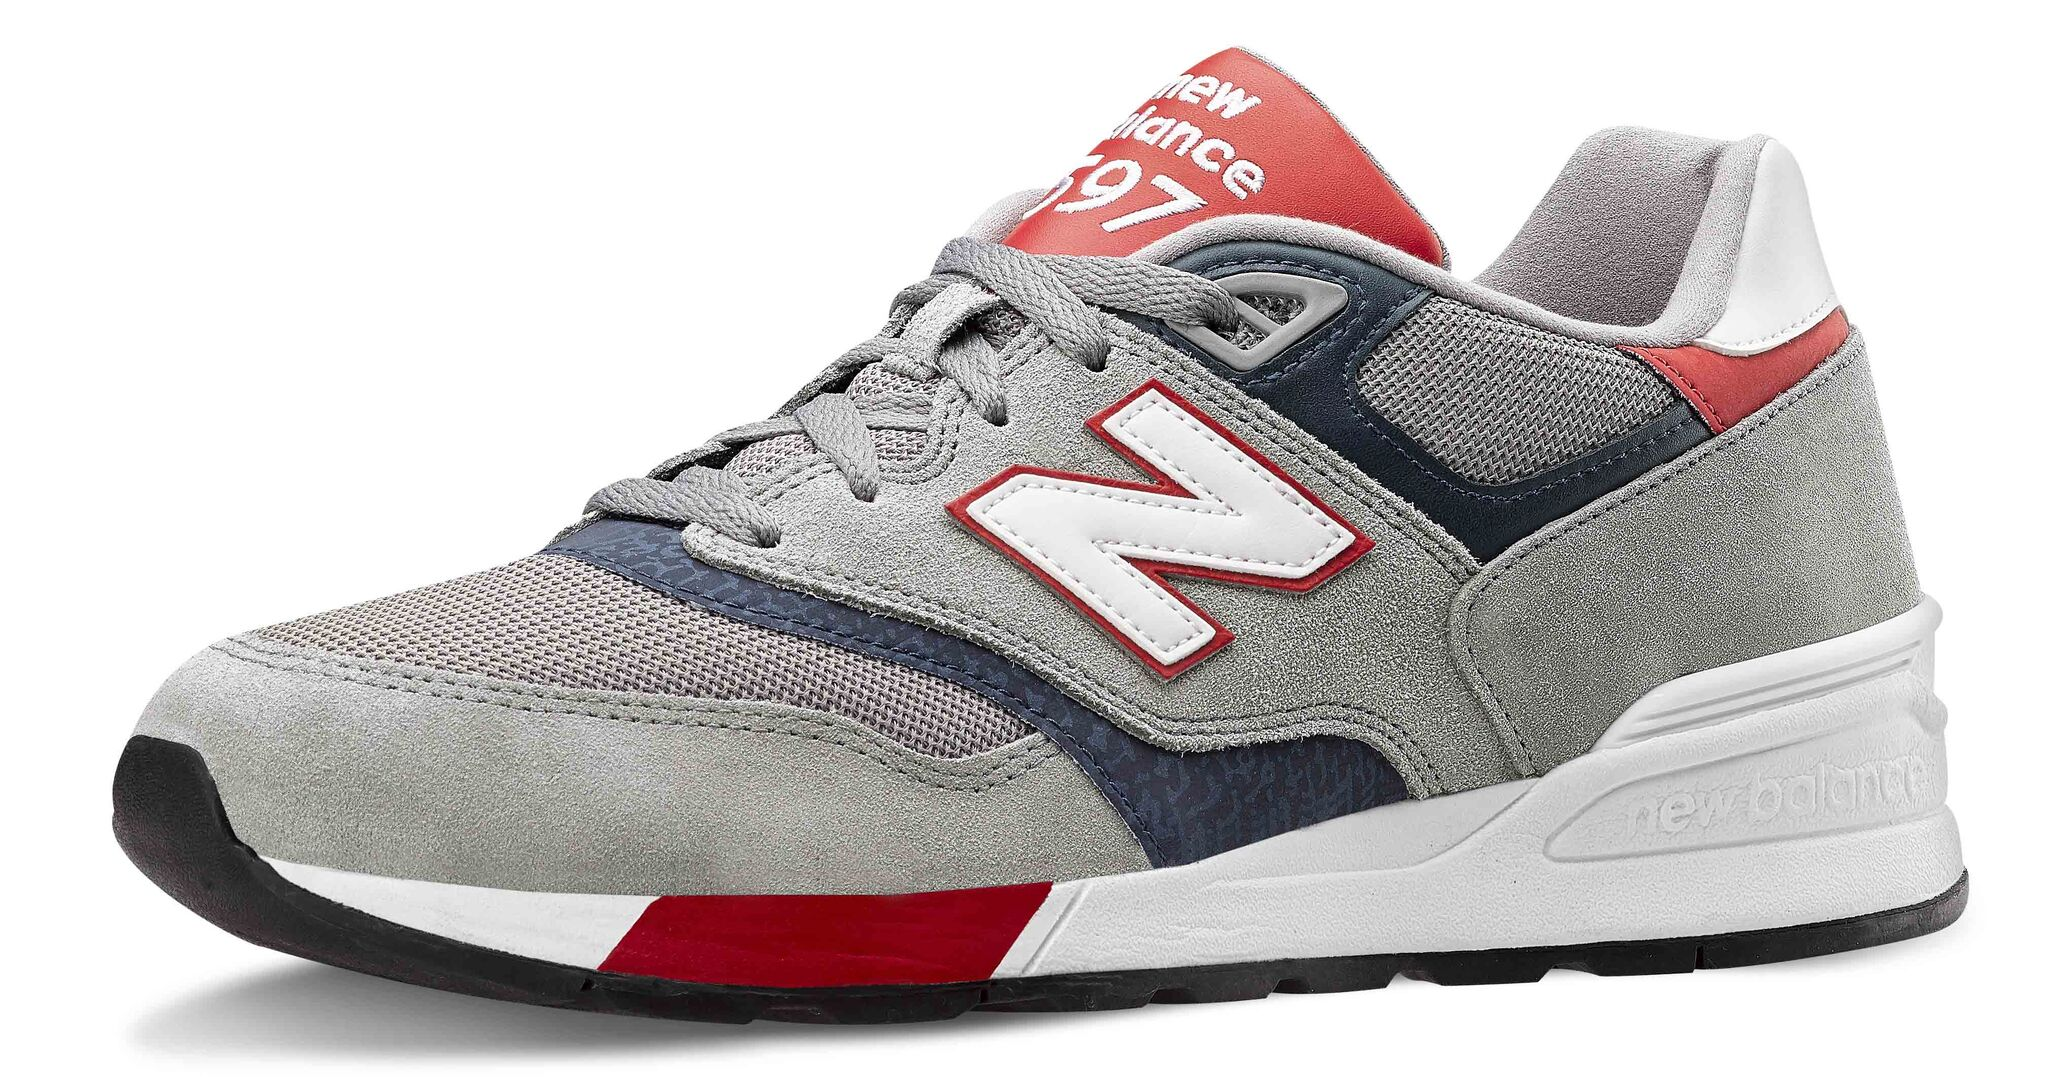 Sneakers uomo ecco le nuove di adidas Originals, Diadora, New Balance e Reebok